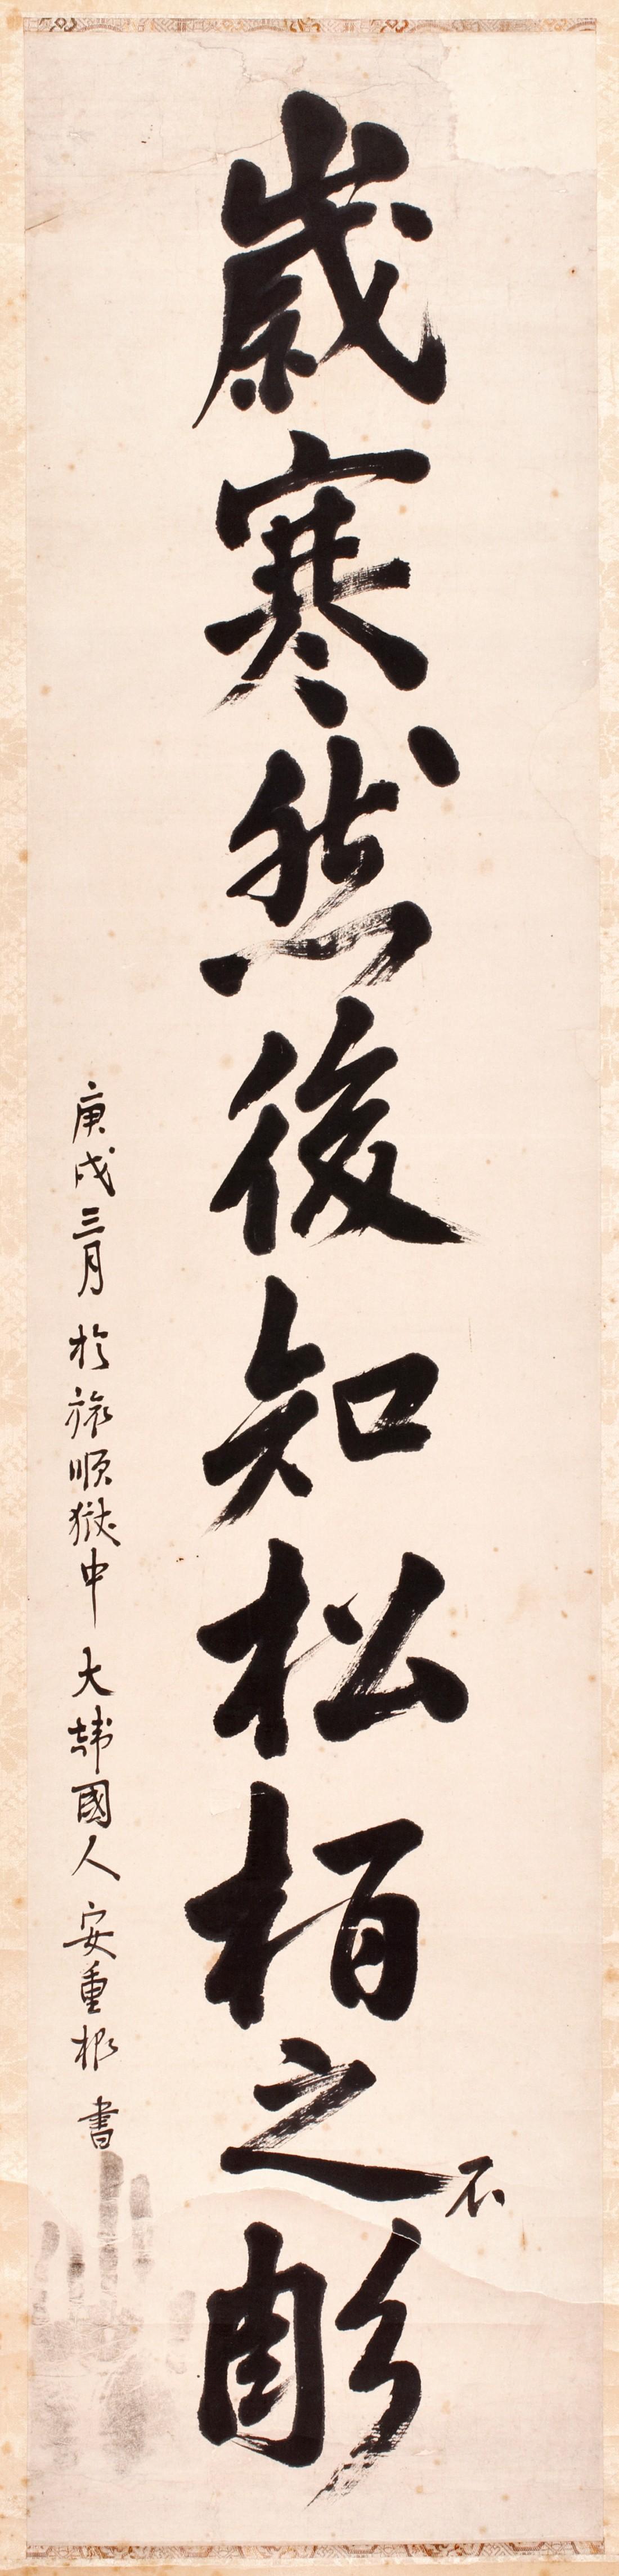 추사 김정희 '세한도'에서도 비슷한 문장이 등장하는 '날이 추운 뒤에야 소나무·잣나무가 시들지 않음을 안다'는 안중근 의사의 유묵.(보물 569-10호)